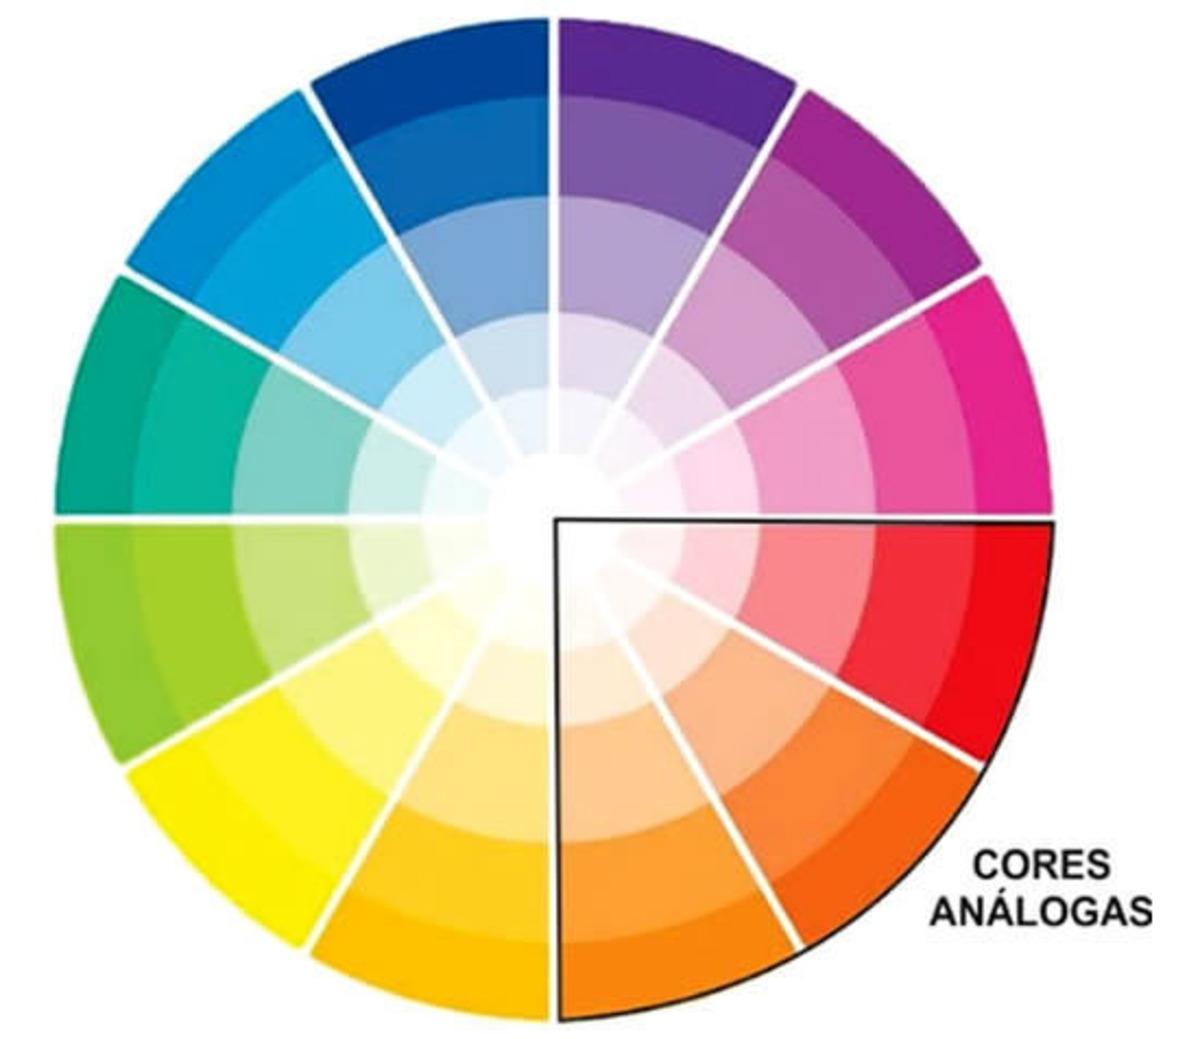 circulo cromático cores análogas